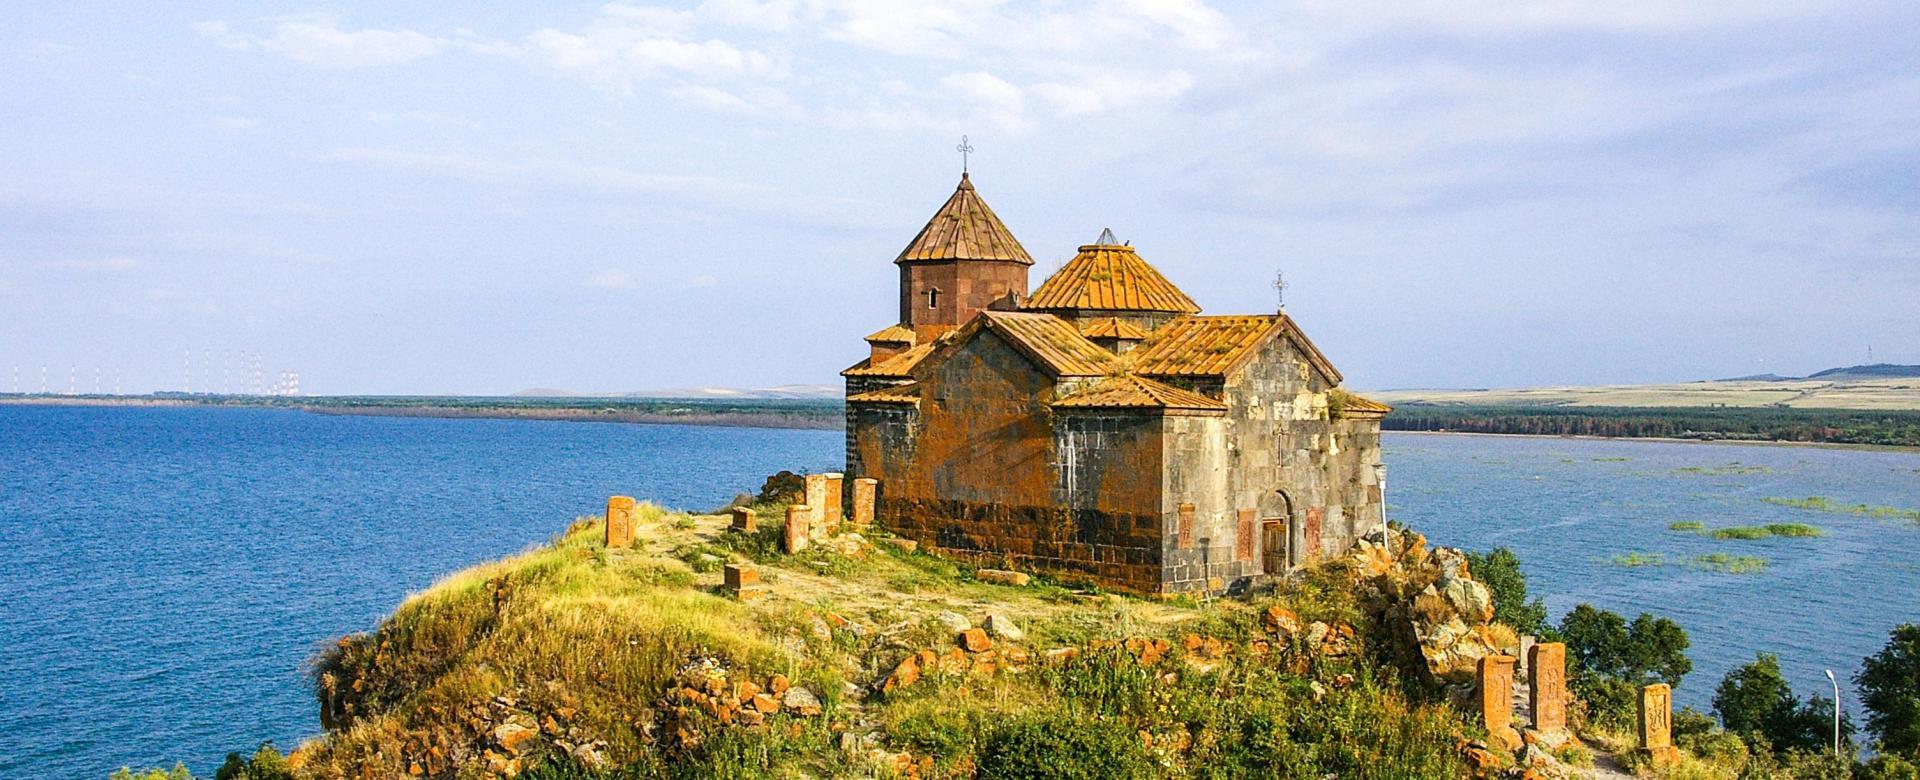 Voyage à pied : Perles du caucase